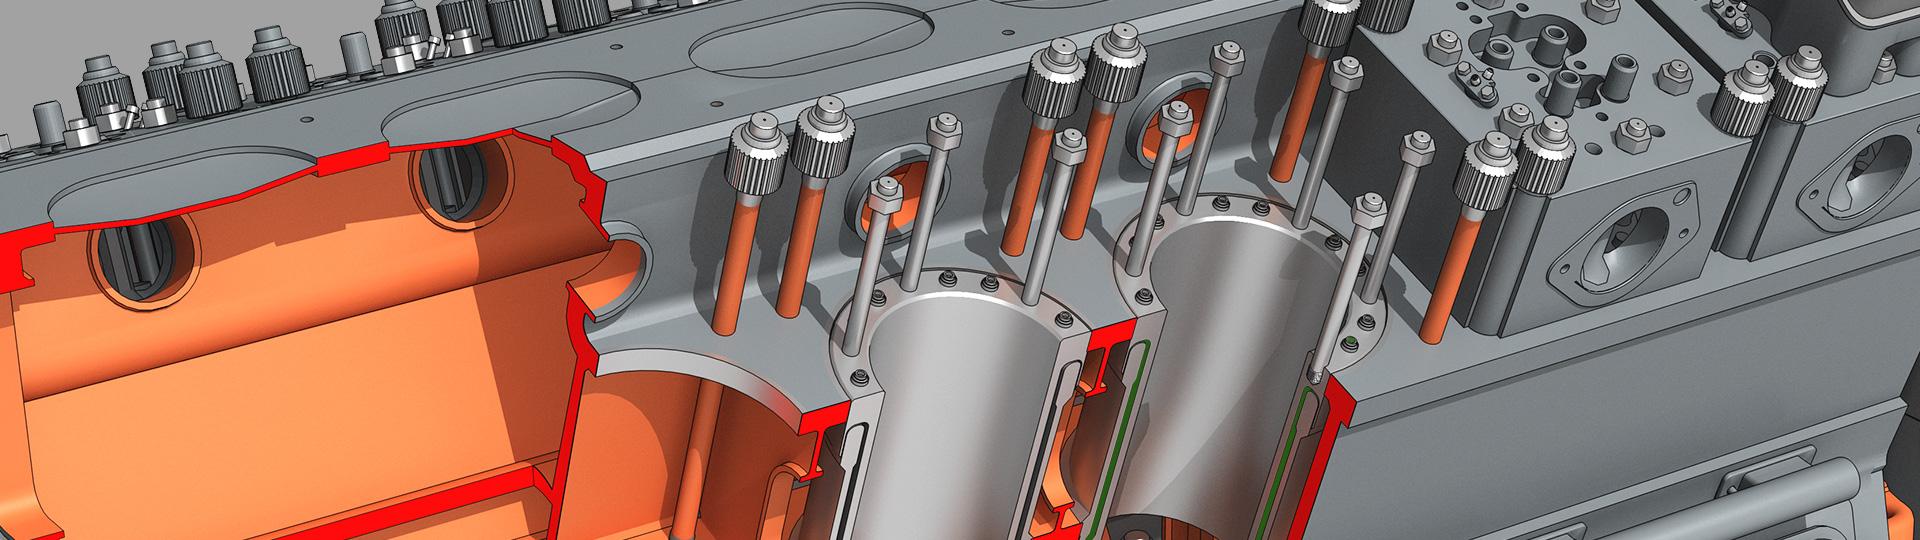 diesel Мультимедийный учебный комплекс «Устройство и принцип работы тепловозных дизелей»